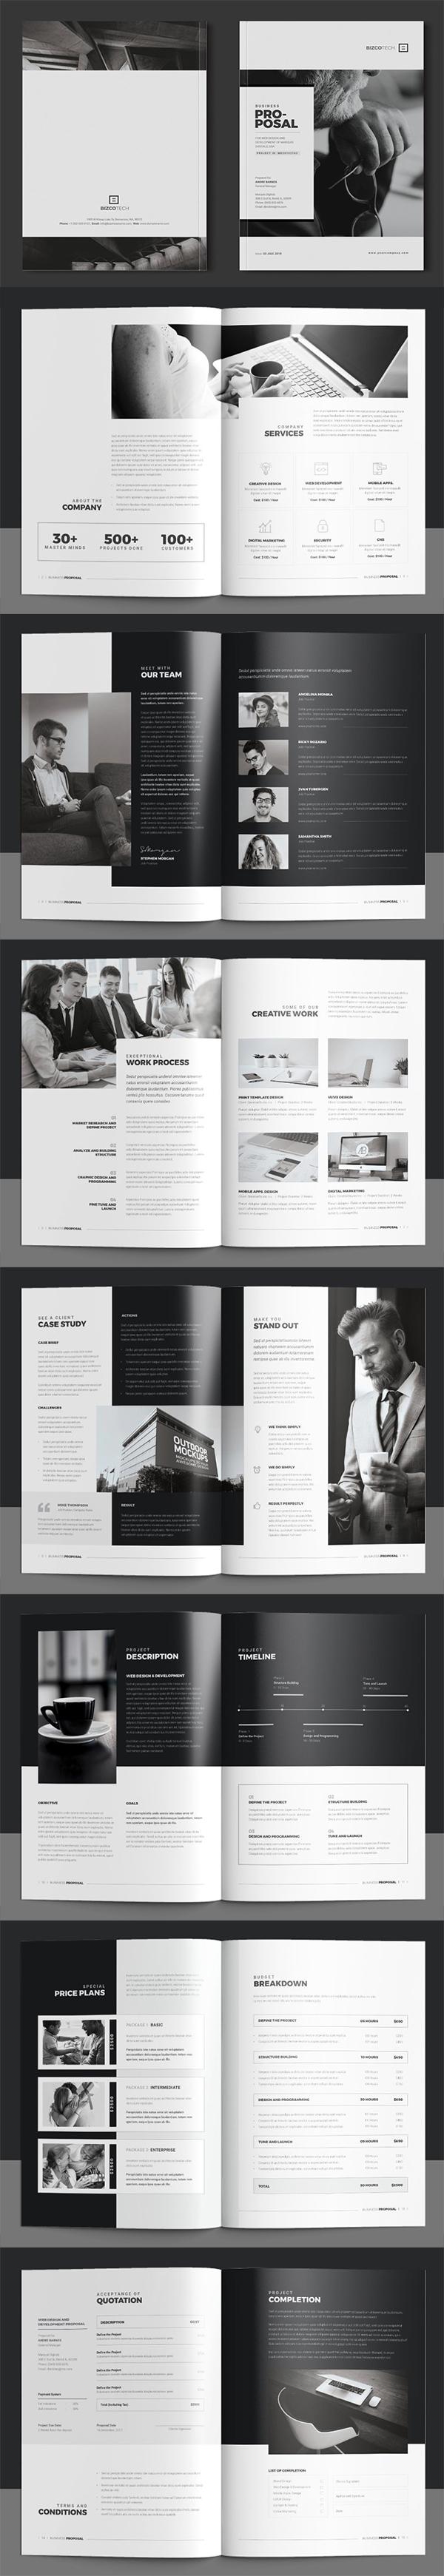 folletos profesionales, Mejor propuesta de negocios